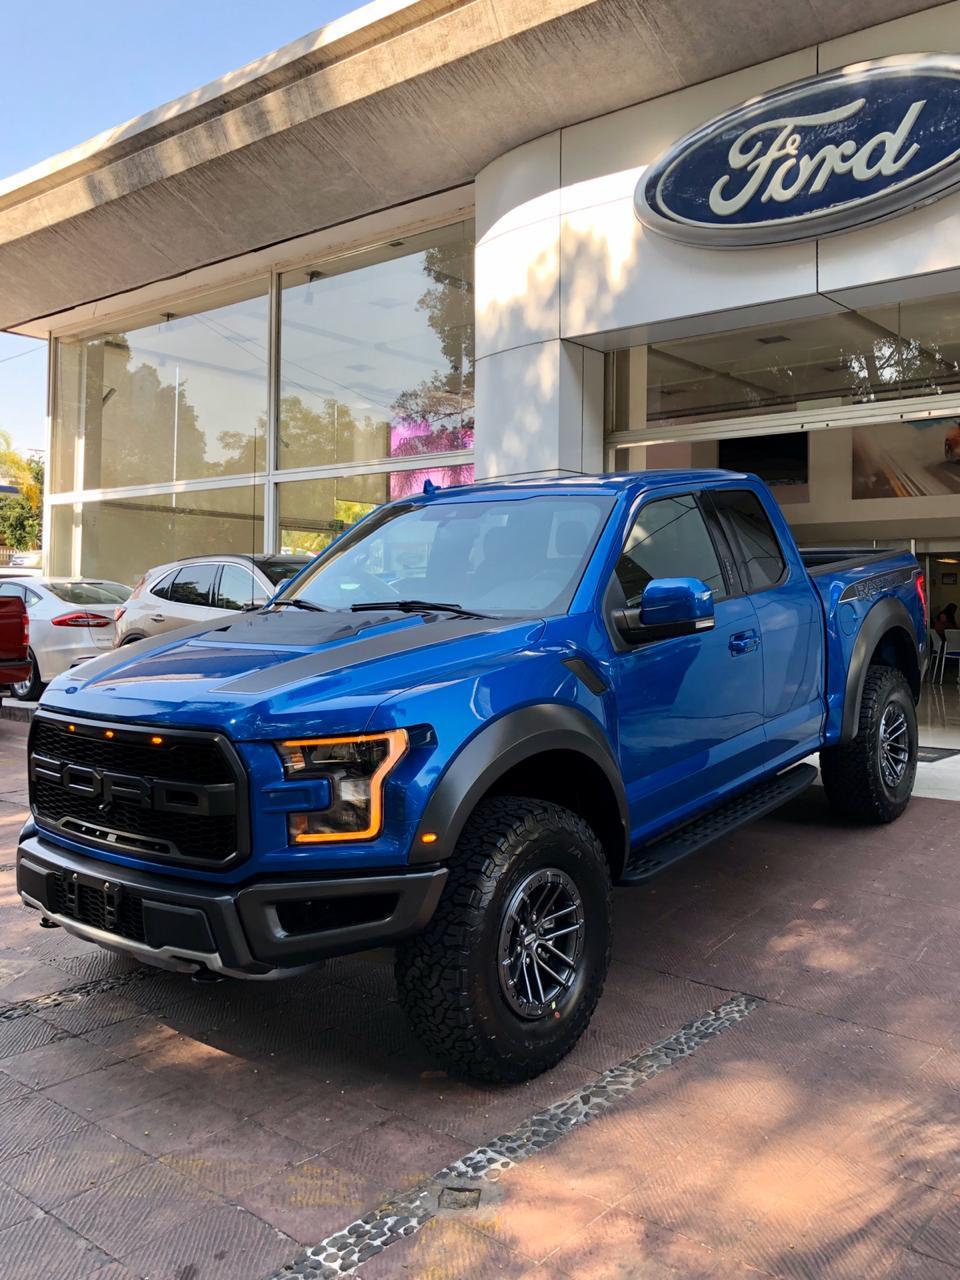 Ford Lobo, 2020 Raptor Crew Cab 4×4 3.5L V6